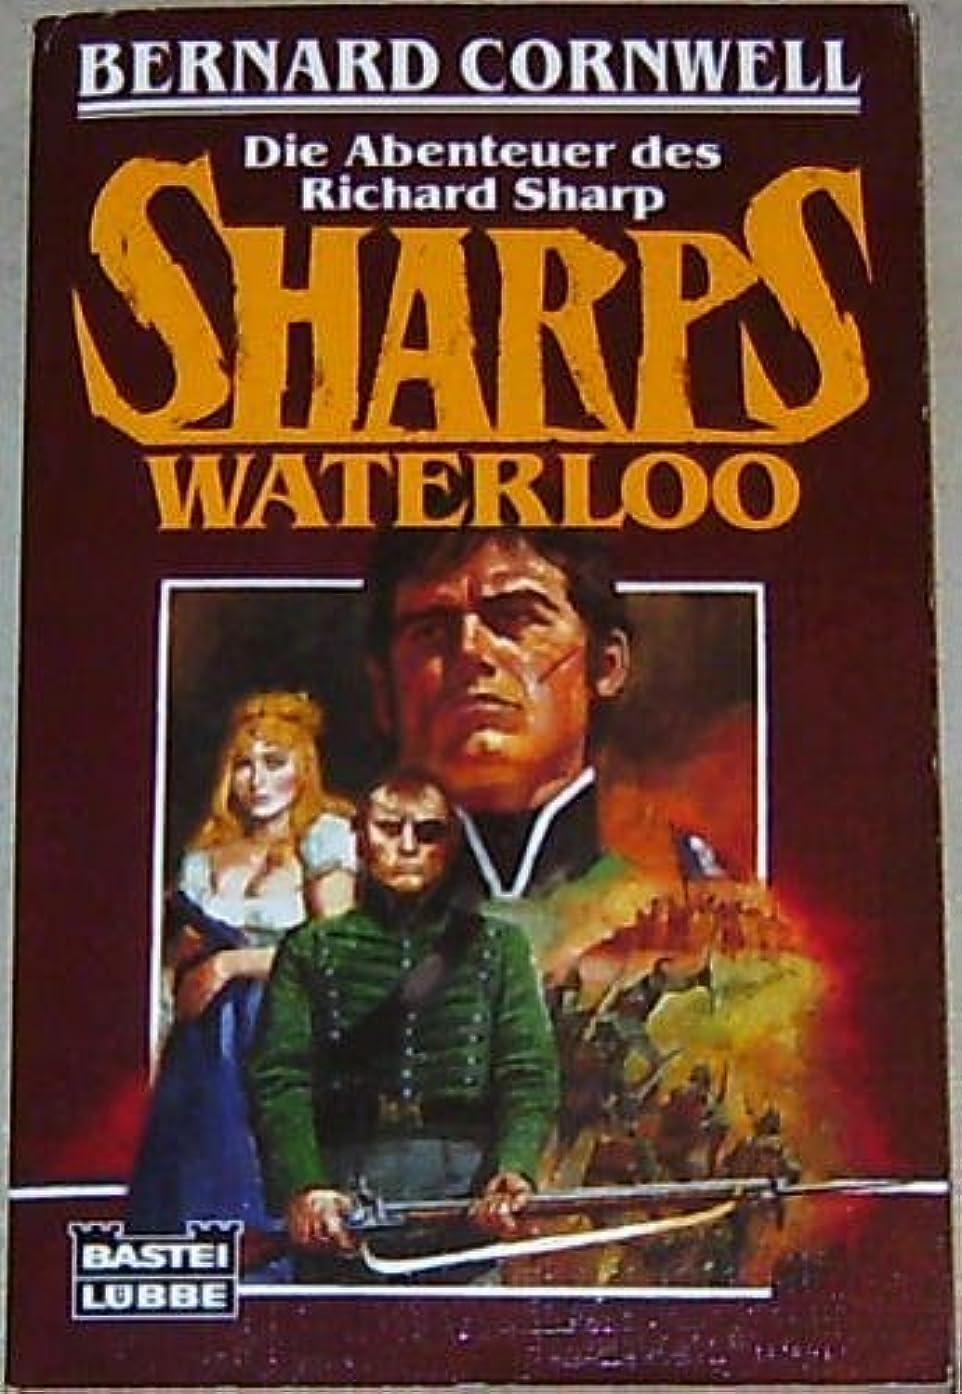 Die Abenteuer des Richard Sharp Waterloo